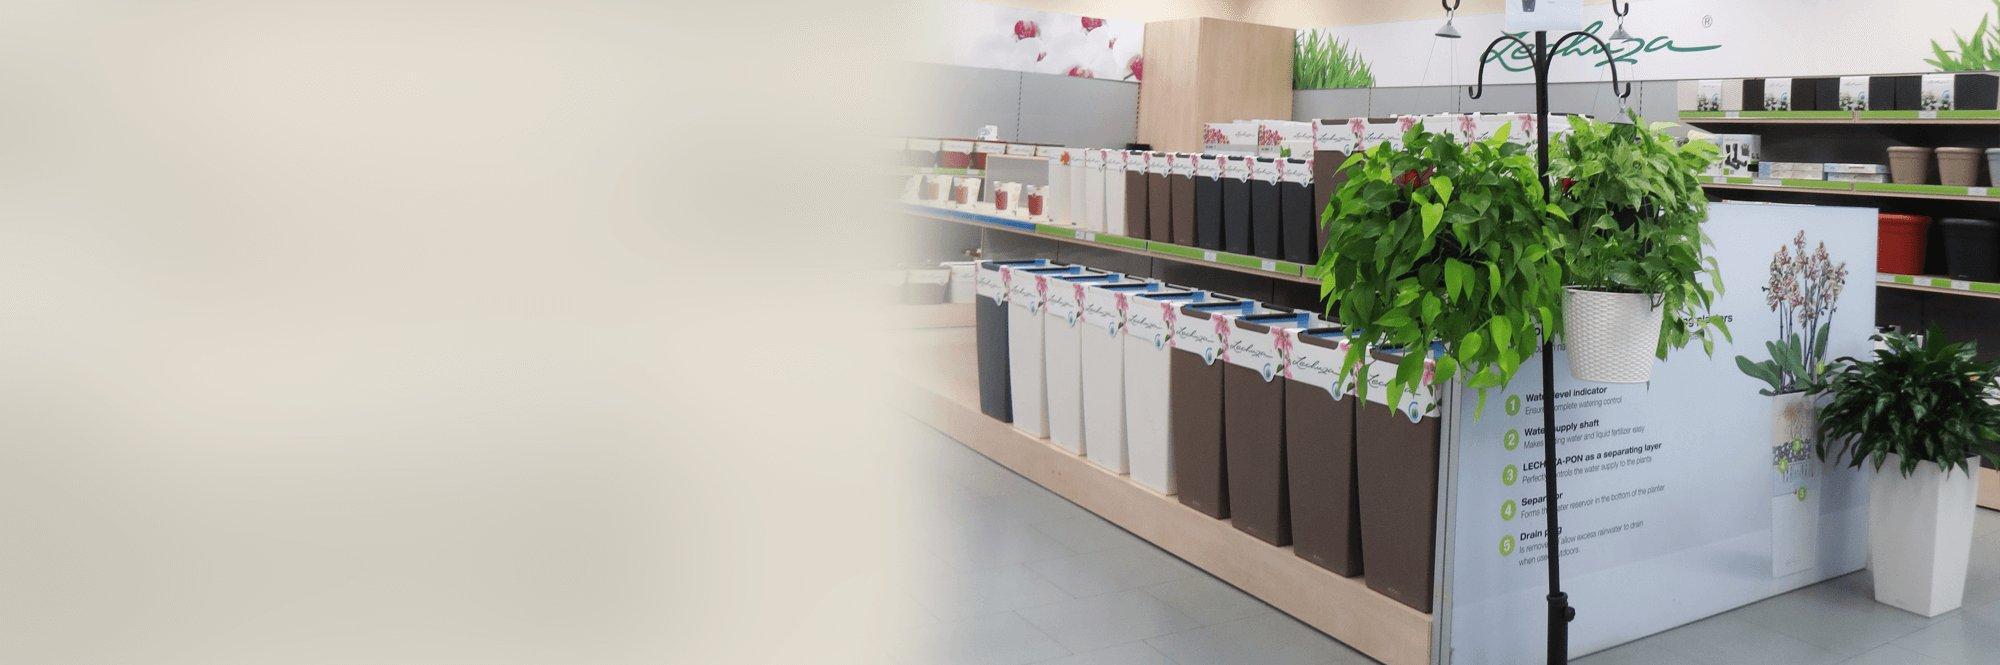 le_stores-canda_header